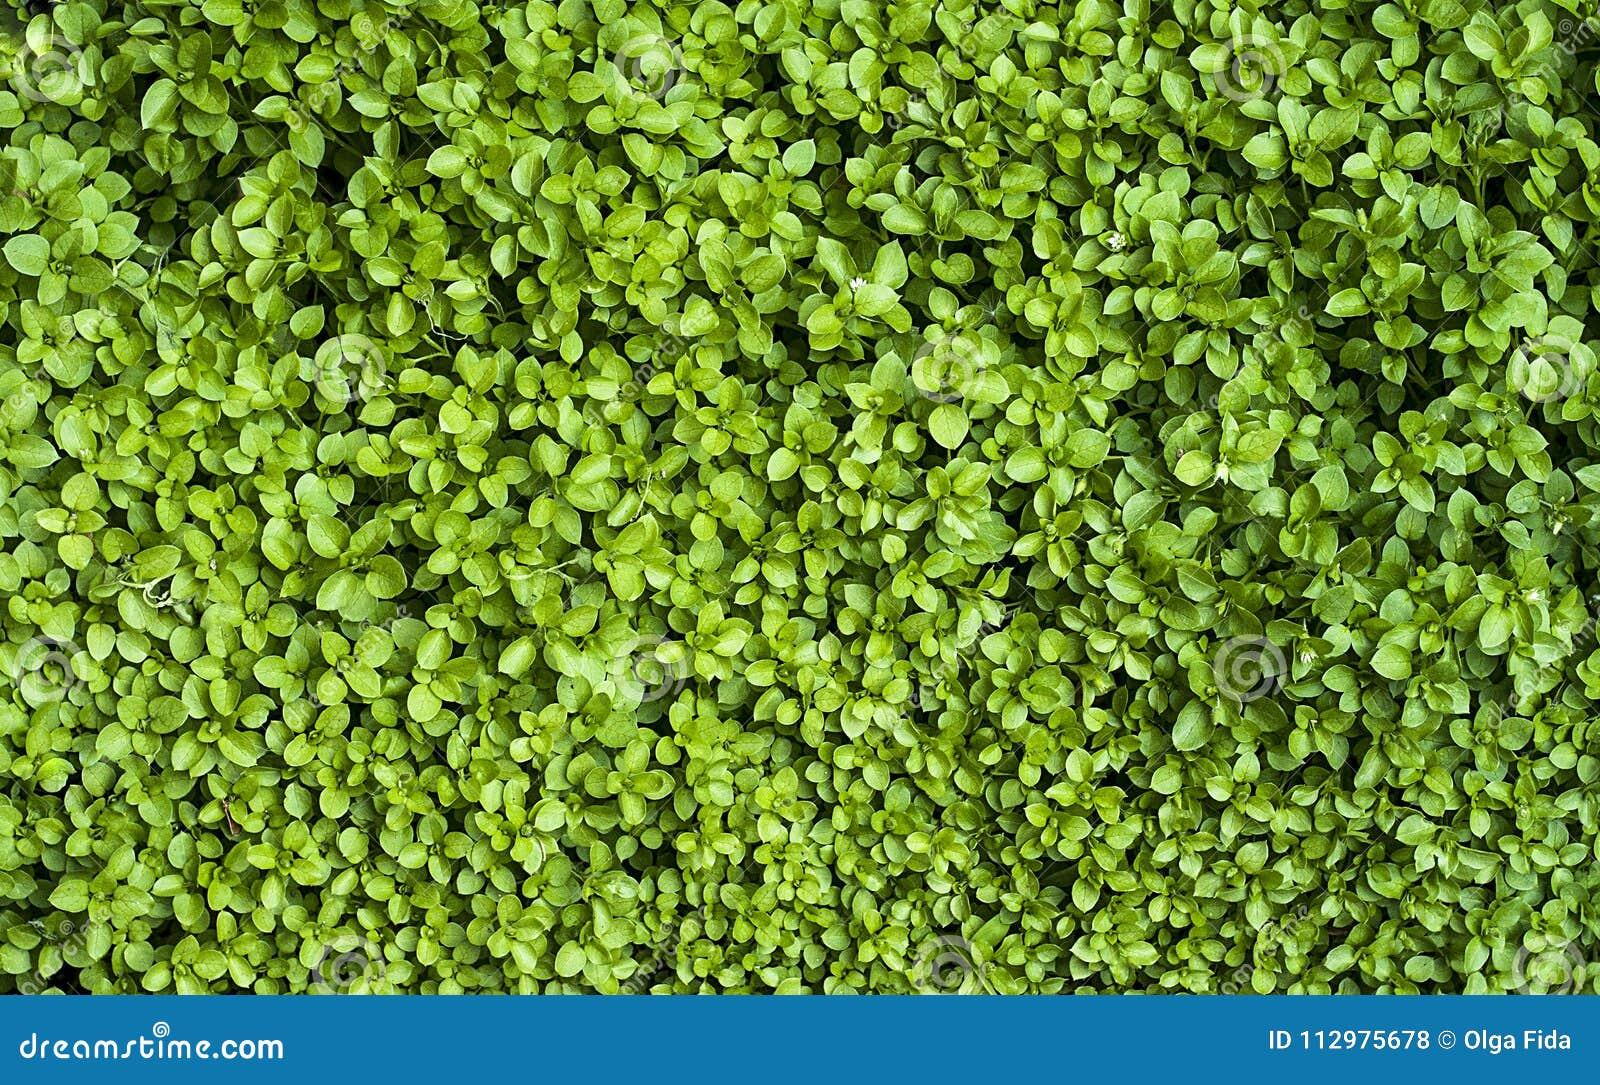 Summer, green grass background